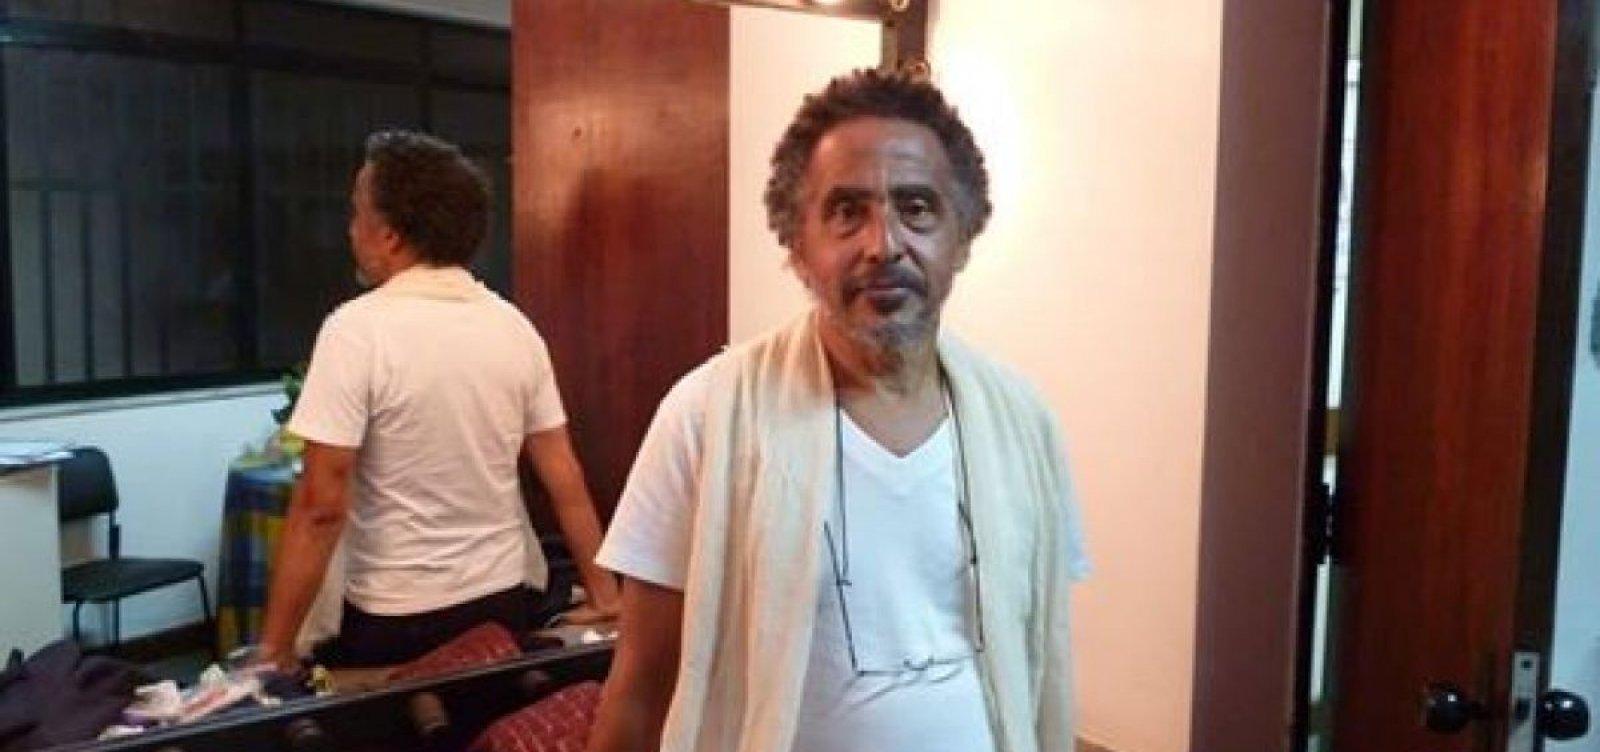 [Artista baiano Paulo Bittenca morre em Salvador, vítima de Covid-19]